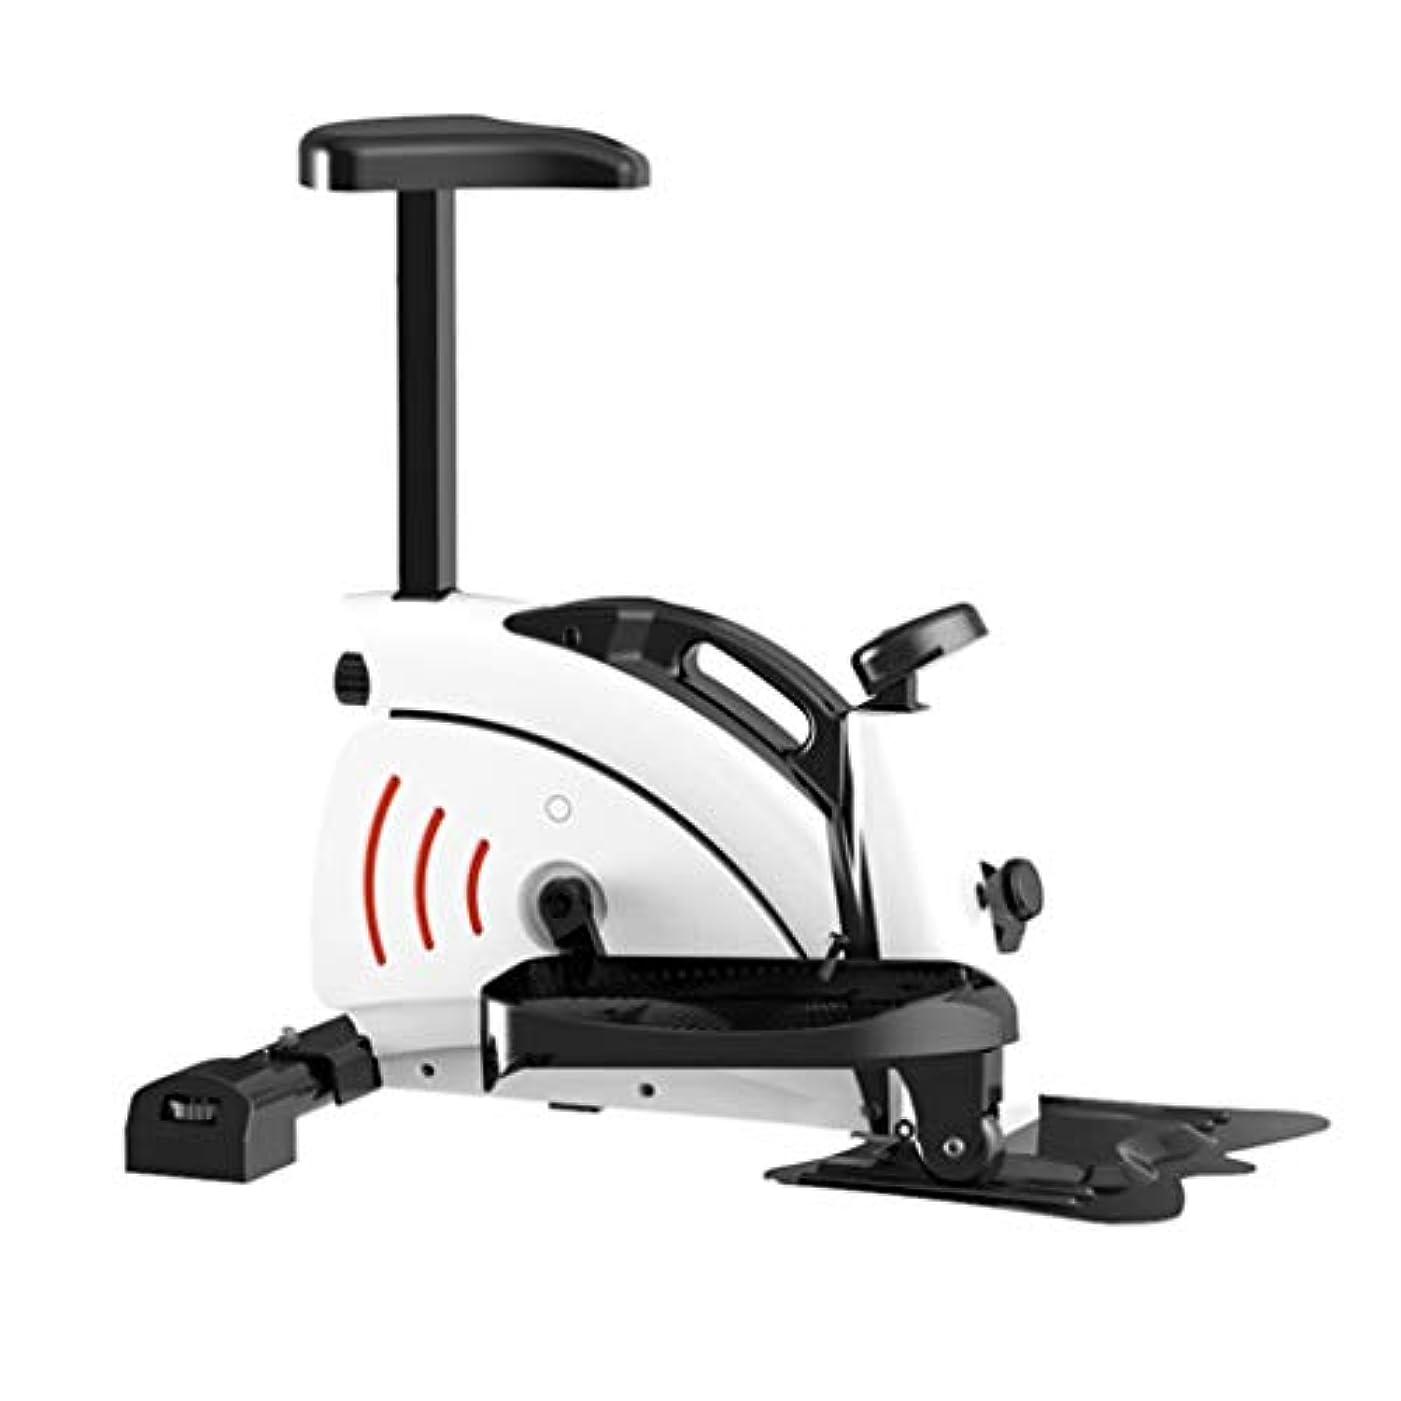 ライブコンクリート糞ミニステッパー運動階段アップダウンステッパーステッパートナー移動の低インパクトフィットネスマシンLCDディスプレイの消費カロリー、運動時間のミュート - ペダルマシン